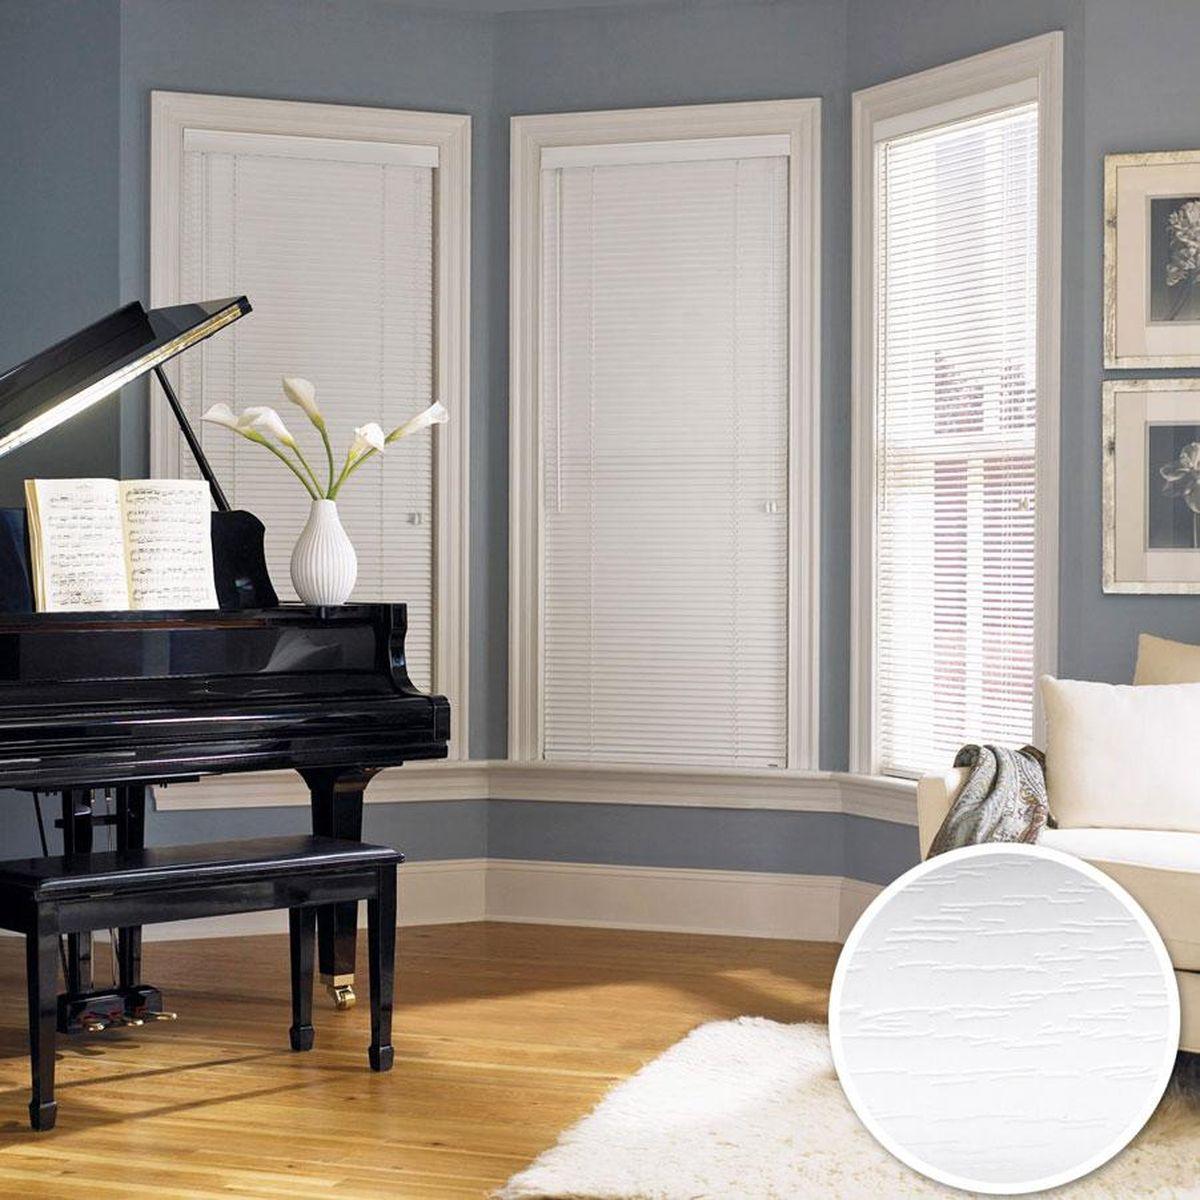 Жалюзи Эскар, цвет: белый, ширина 120 см, высота 160 см13347140160Для того чтобы придать интерьеру изюминку и завершенность, нет ничего лучше, чем использовать жалюзи на окнах квартиры, дома или офиса. С их помощью можно подчеркнуть индивидуальный вкус, а также стилевое оформление помещения. Помимо декоративных функций, жалюзи выполняют и практические задачи: они защищают от излишнего солнечного света, не дают помещению нагреваться, а также создают уют в темное время суток.Пластиковые жалюзи - самое универсальное и недорогое решение для любого помещения. Купить их может каждый, а широкий выбор размеров под самые популярные габариты сделает покупку простой и удобной. Пластиковые жалюзи имеют высокие эксплуатационные характеристики - они гигиеничны, что делает их незаменимыми при монтаже в детских и медицинских учреждениях.